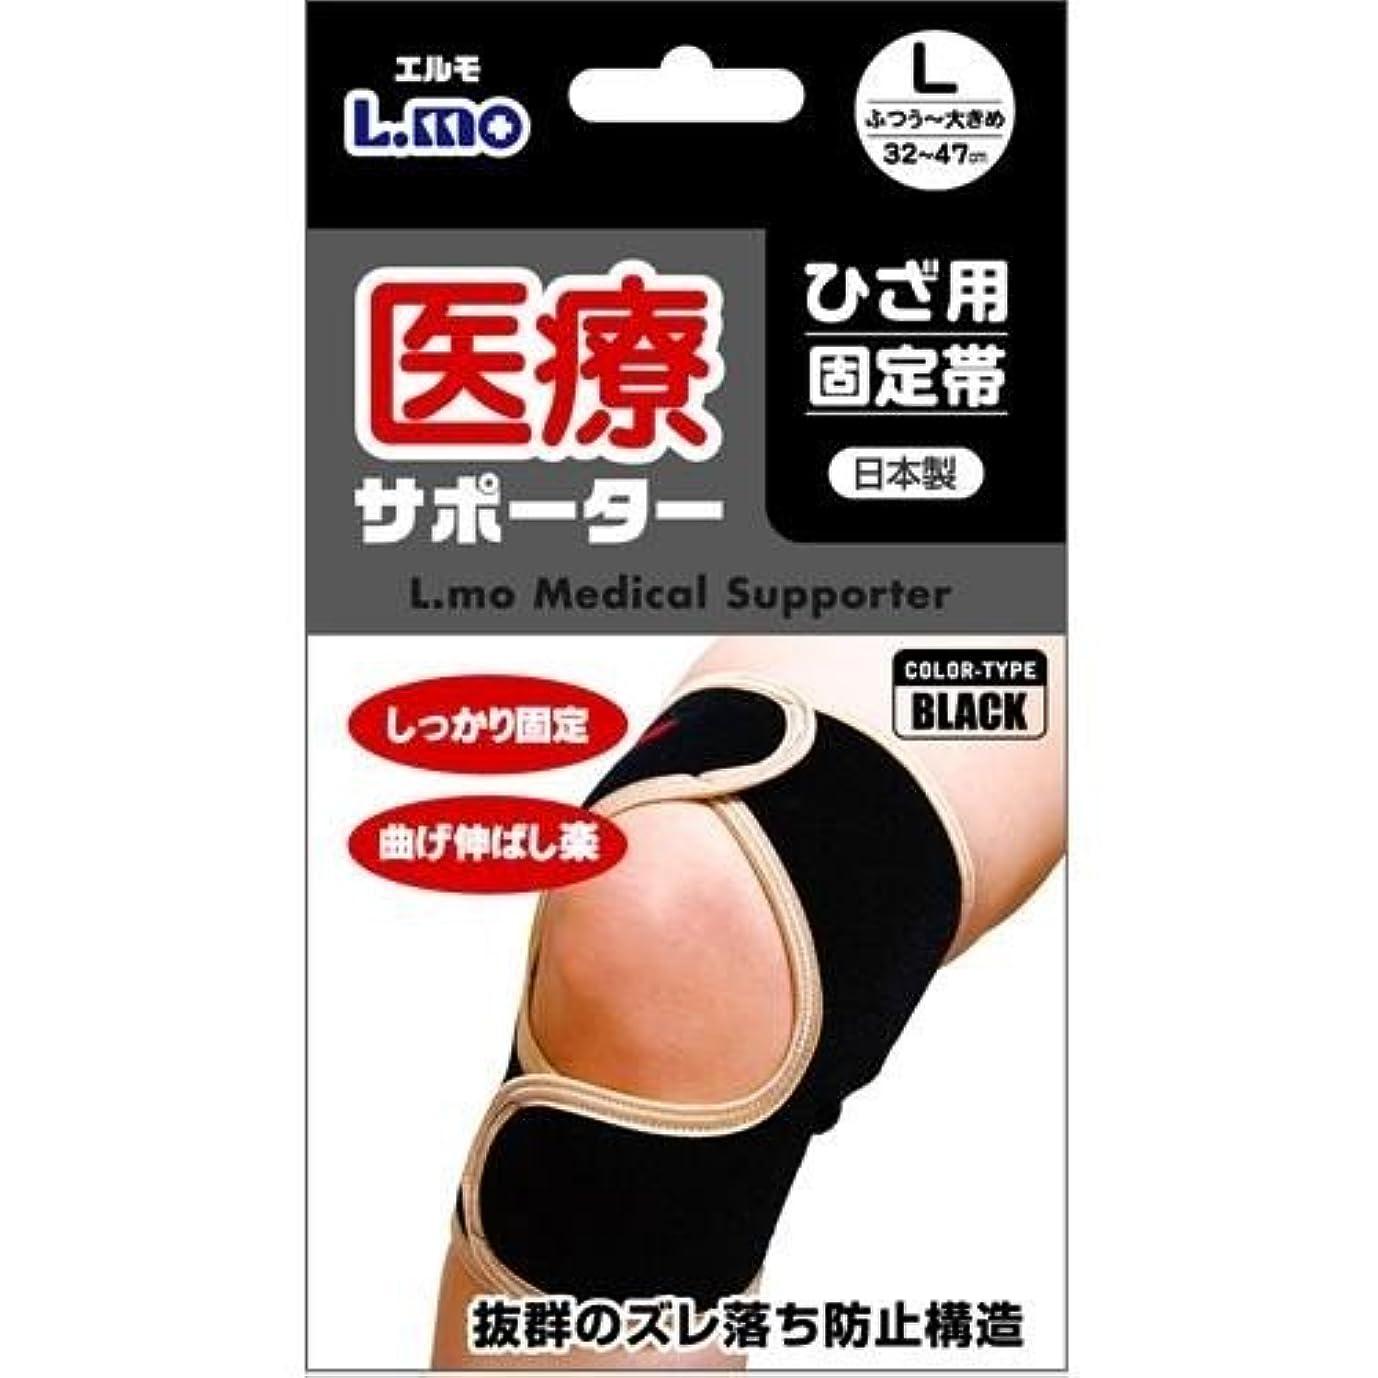 印象的なステップ電子エルモ医療サポーター ひざ用固定帯 ブラック ■2種類の内「Lサイズ?786493」を1点のみです